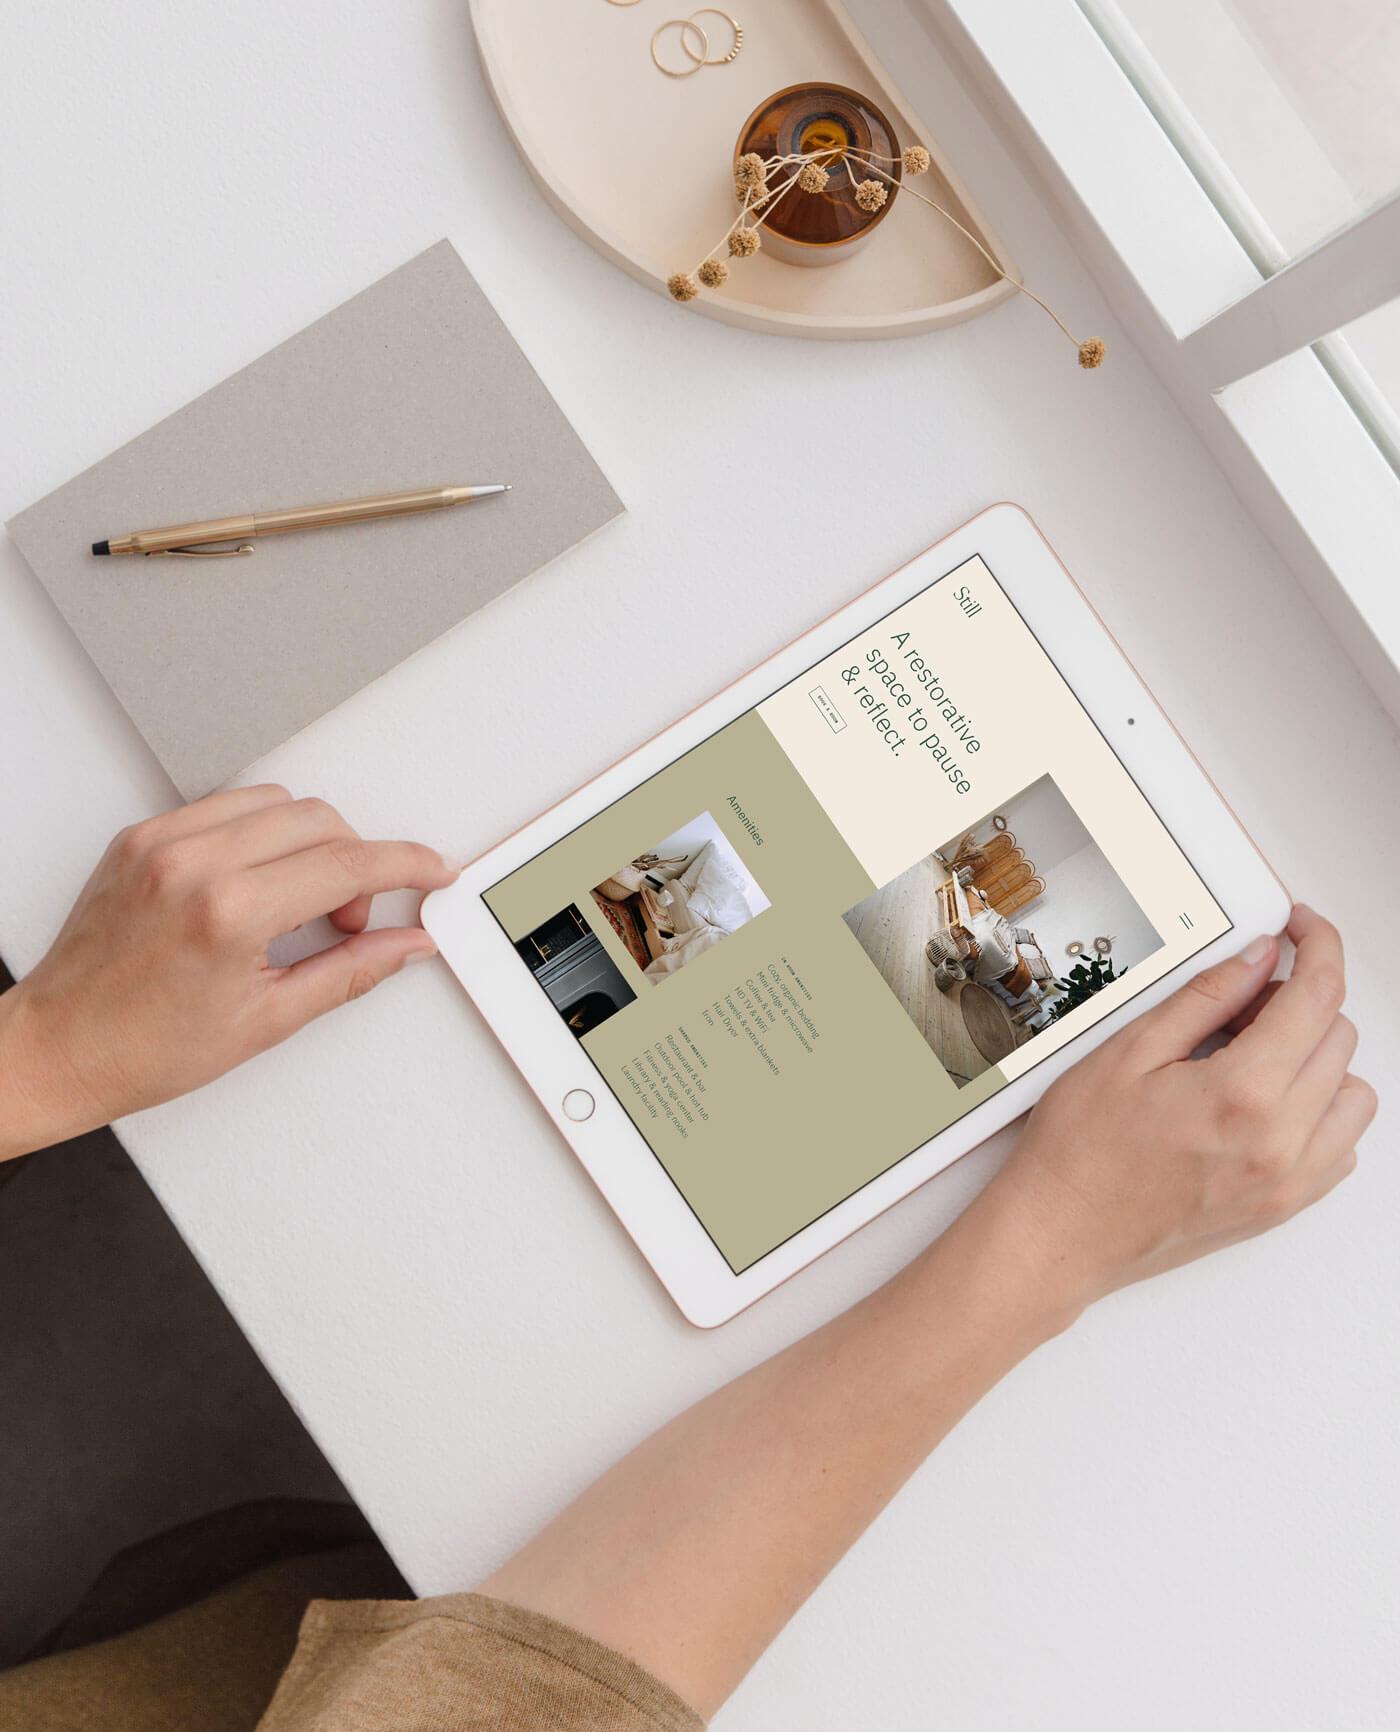 Still website on iPad